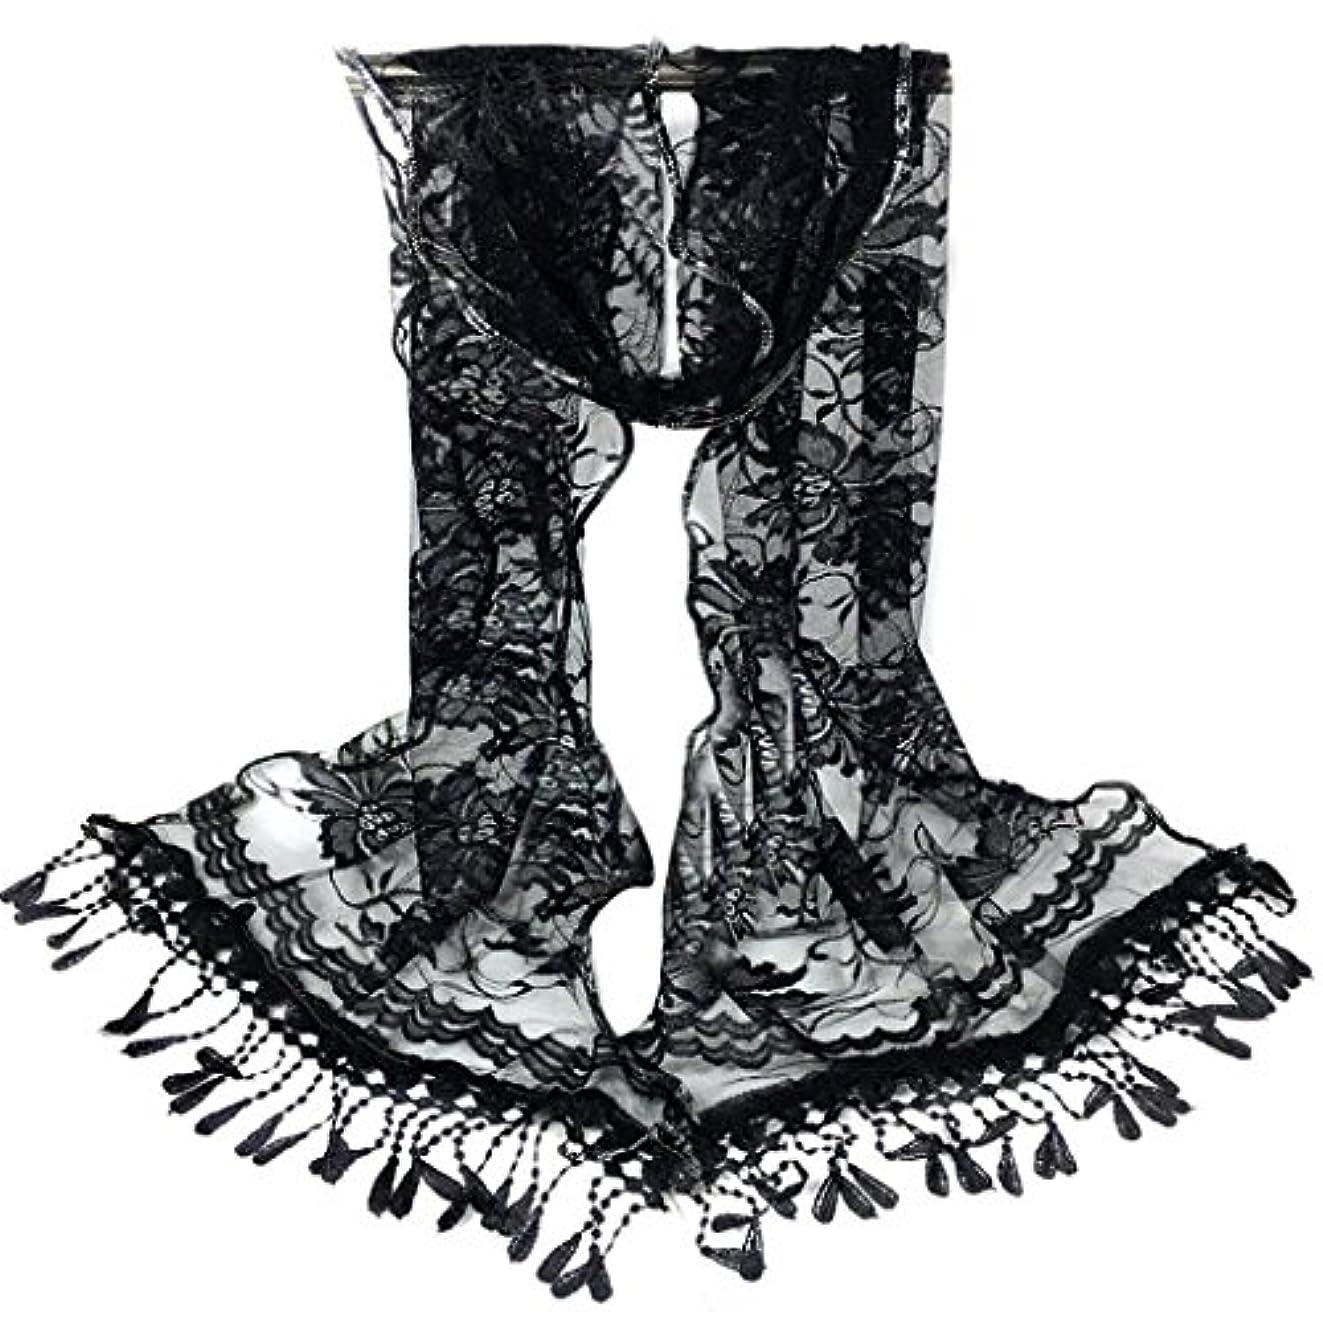 戻す抑制好色な[SakuraBest] 女性ロングスカーフタッセルショールフラワーレーススカーフ